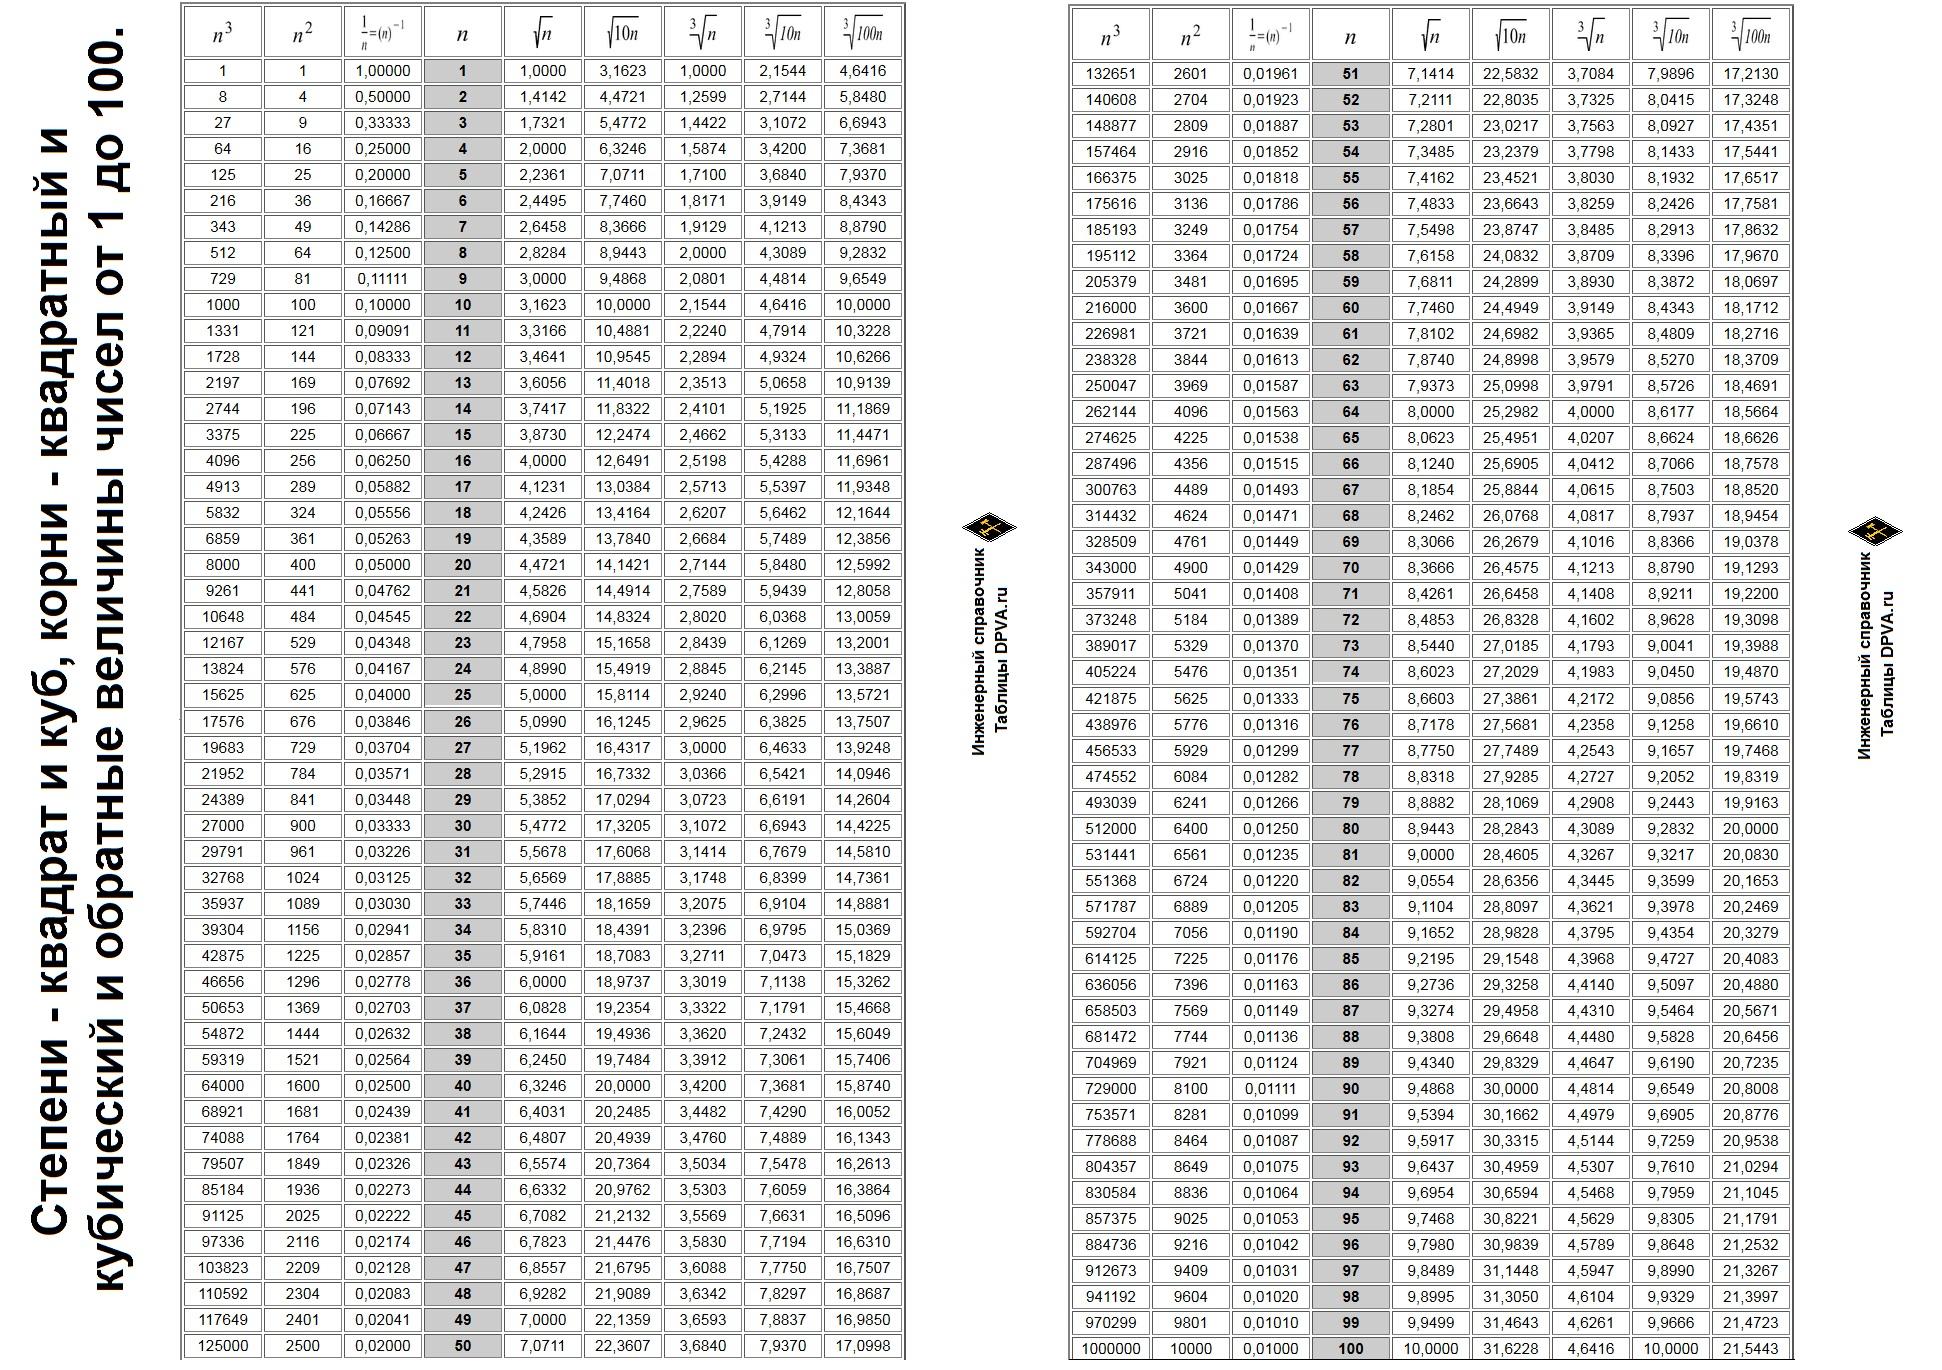 Степени - квадрат и куб, корни - квадратный и кубический и обратные величины чисел от 1 до 100. Таблица степеней от 1 до 100. Таблица корней от 1 до 1000000.